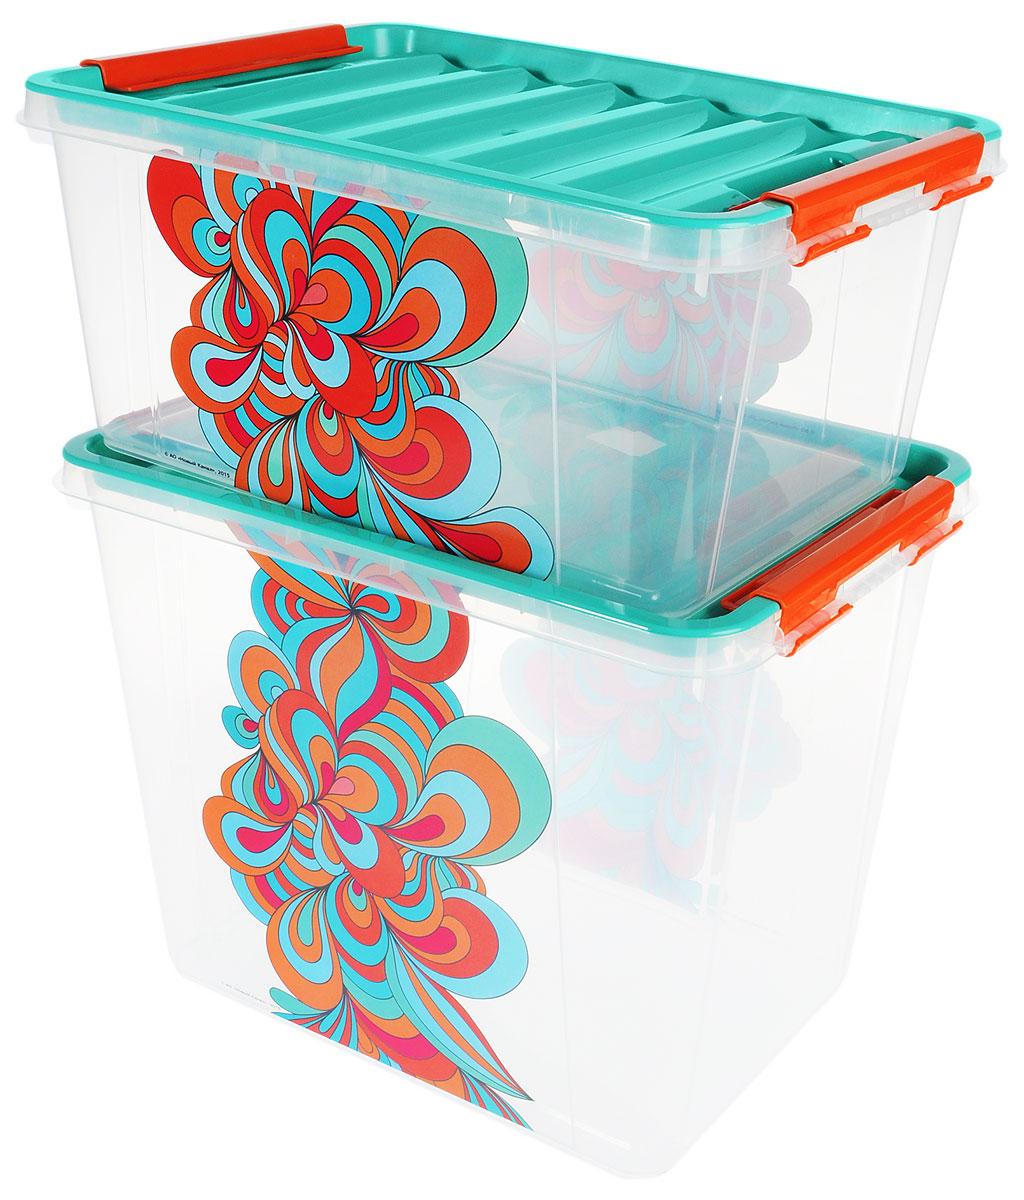 Набор контейнеров Полимербыт Домашний, 2 штБрелок для ключейНабор контейнеров Полимербыт Домашнийизготовлен из высококачественного прочного пластика, устойчивого к высоким температурам. Стенки контейнера прозрачные, что позволяет видеть содержимое. Цветная полупрозрачная крышка плотно закрывается. В набор входят 2 контейнера разного объема. Контейнеры идеально подходят для хранения различных вещей.Размеры большого контейнера: 39 х 28,5 х 31 см.Размер малого контейнера: 39 х 28,5 х 18 см.Объем контейнеров: 25 л; 15 л.